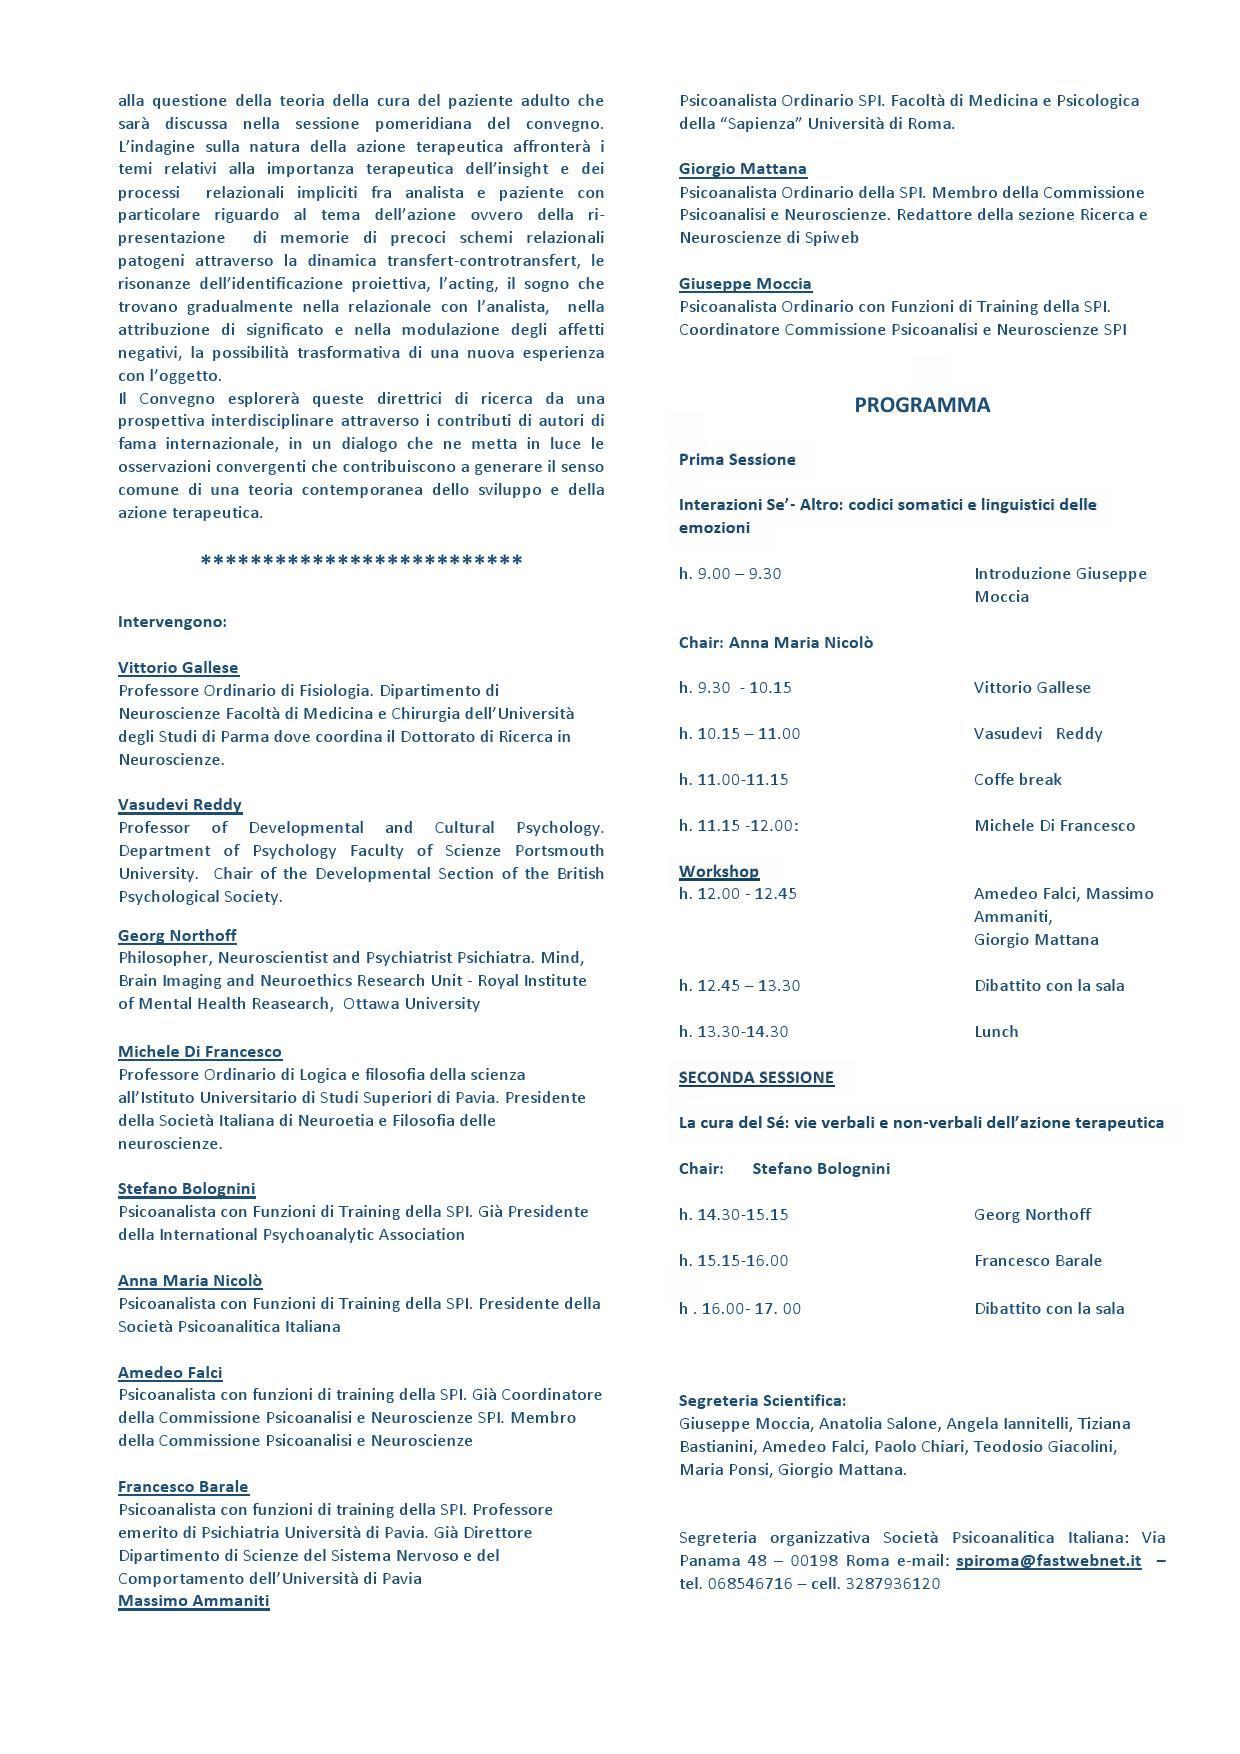 brochure piu programma il se e laltro.roma .18.genn .20200002